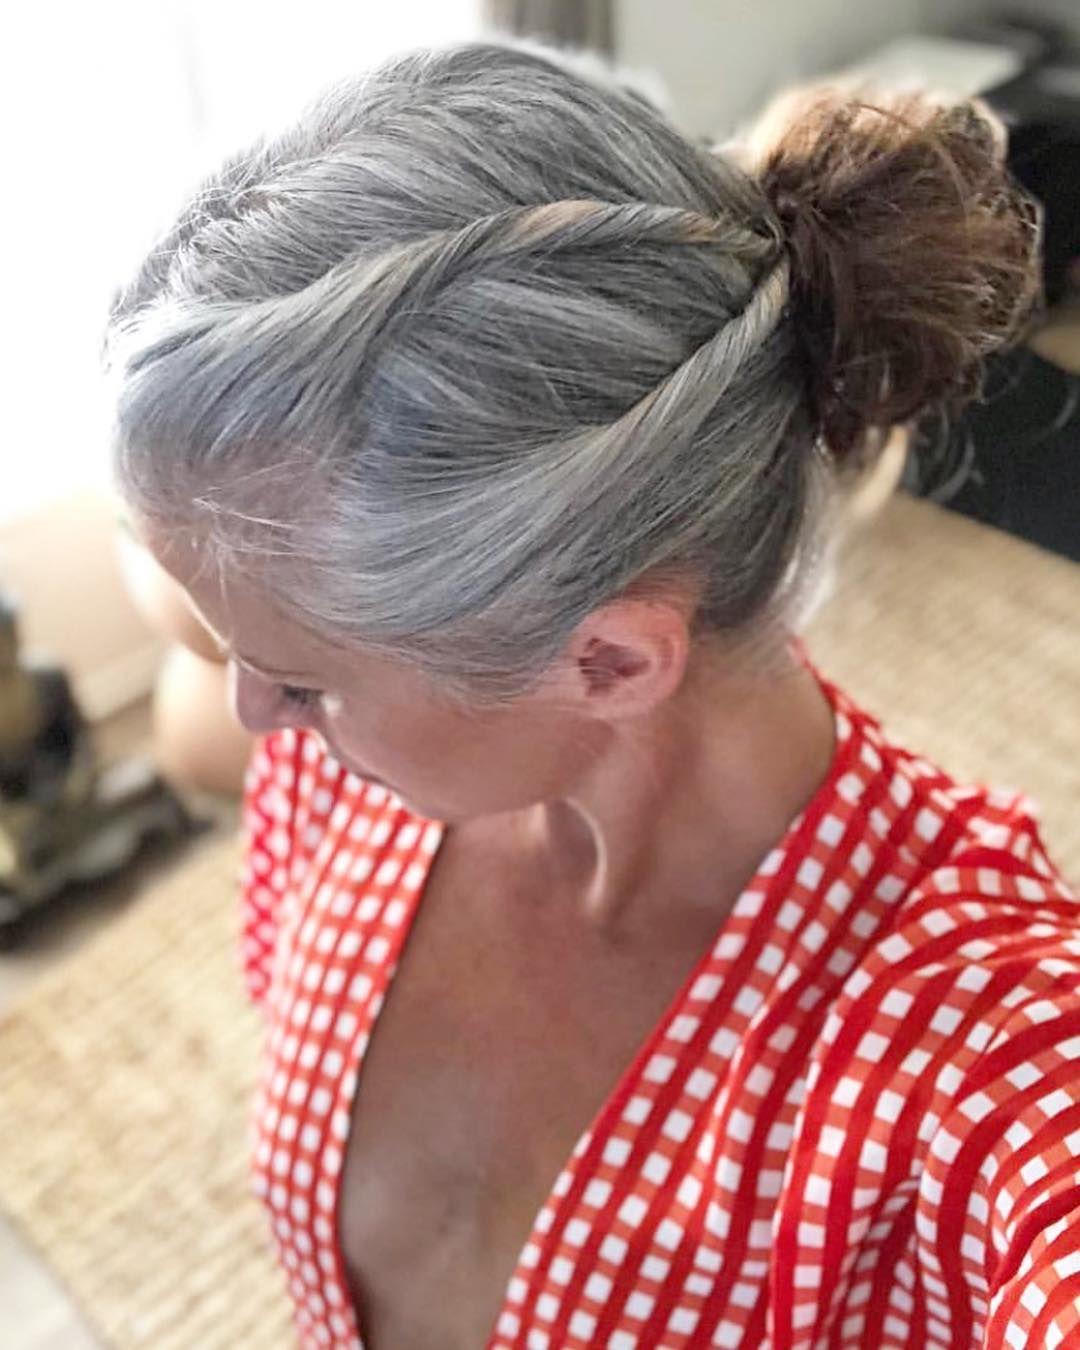 Graue Haare sind der Klassiker der Zukunft | Graue haare